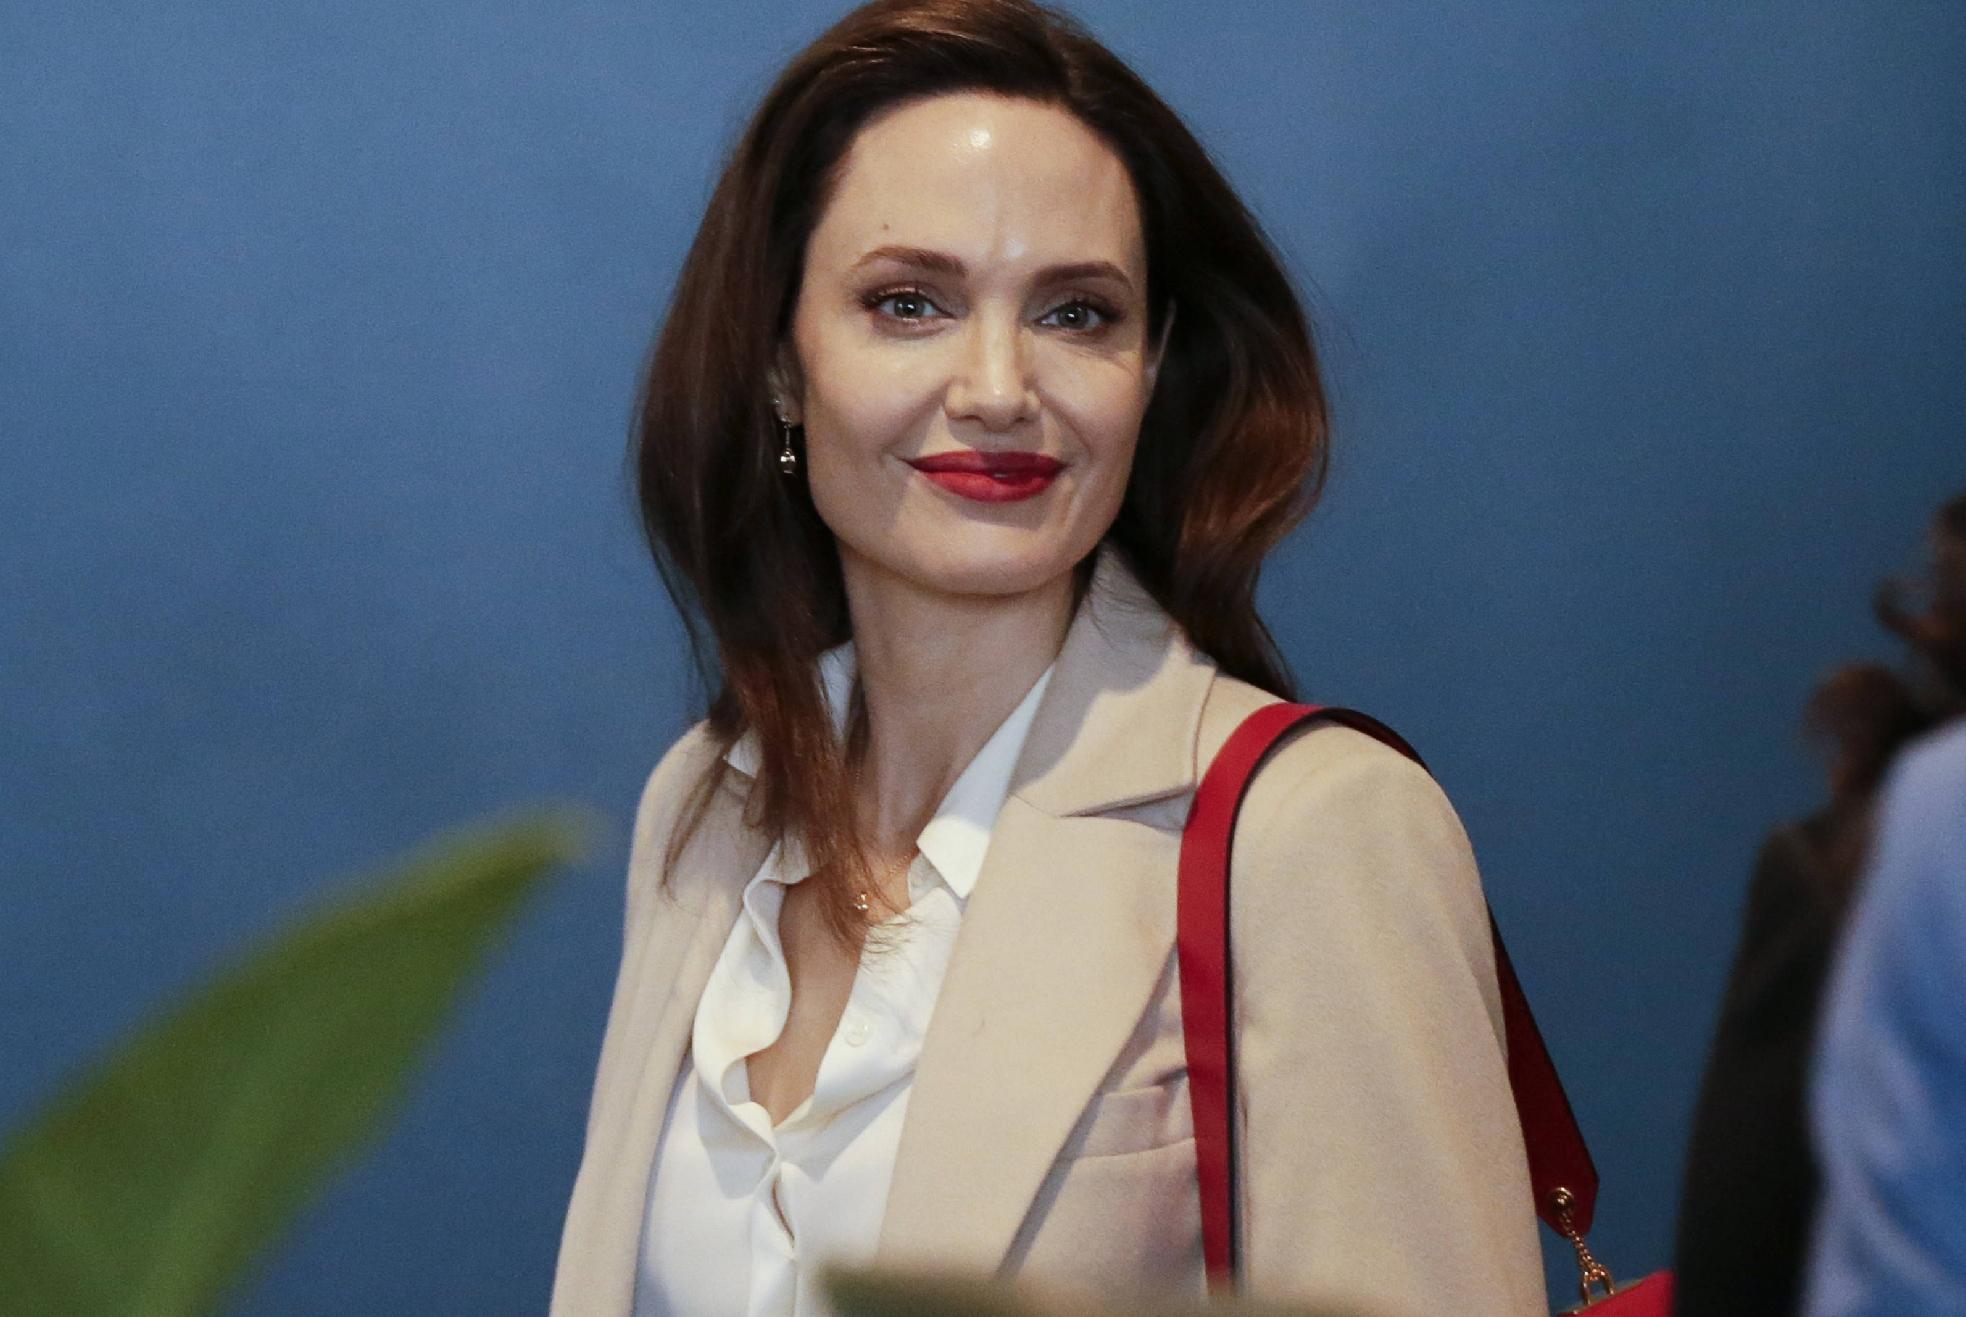 朱莉还是浓妆好看,一身气质造型搭烈焰红唇女神风采依旧,太惊艳